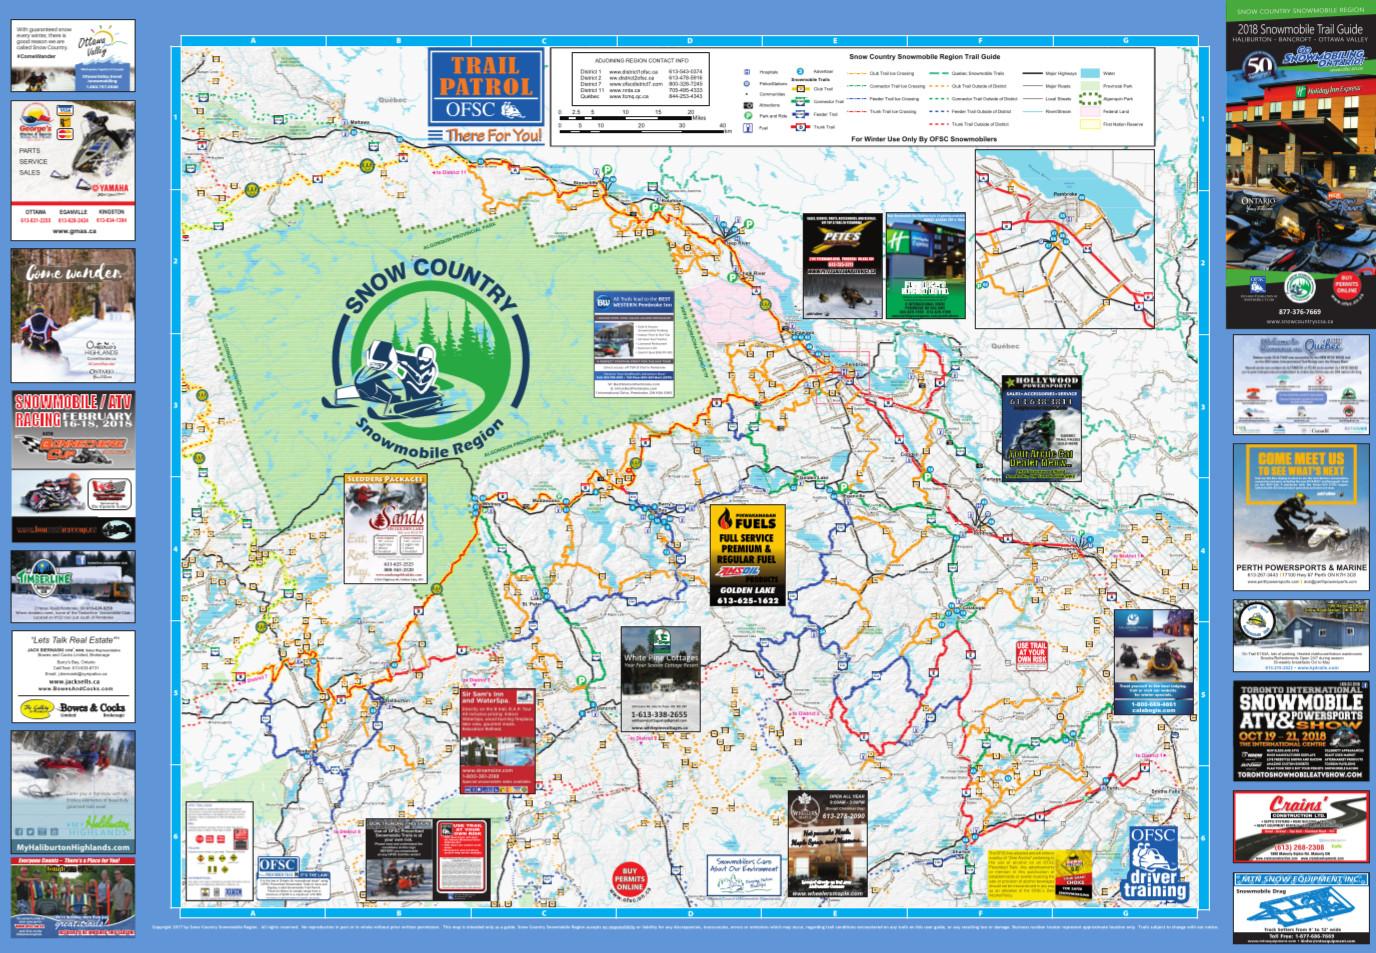 SCSR Map